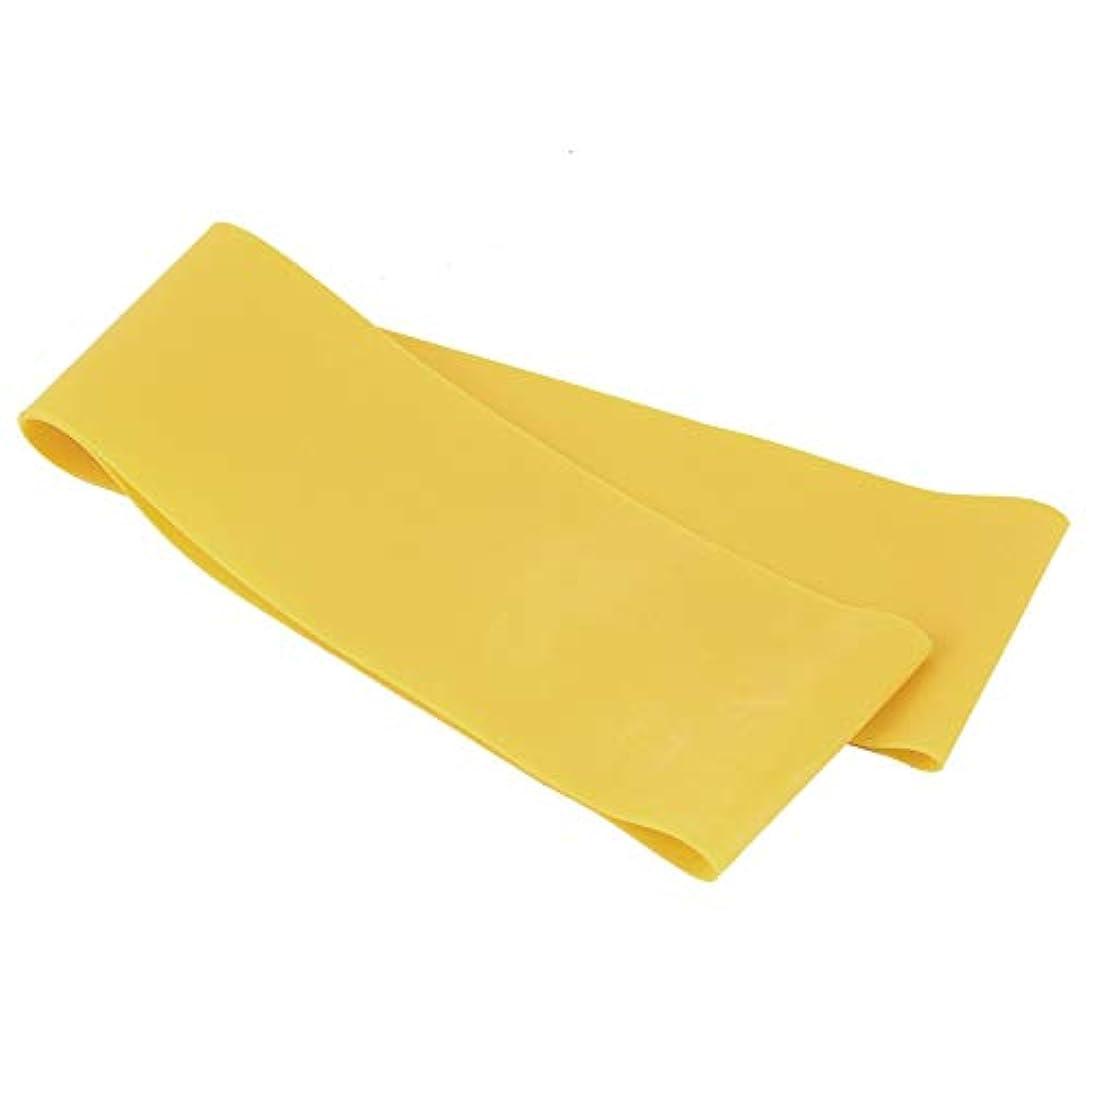 換気する急襲蒸気滑り止めの伸縮性のあるゴム製伸縮性があるヨガのベルトバンド引きロープの張力抵抗バンドループ強さのためのフィットネスヨガツール - 黄色